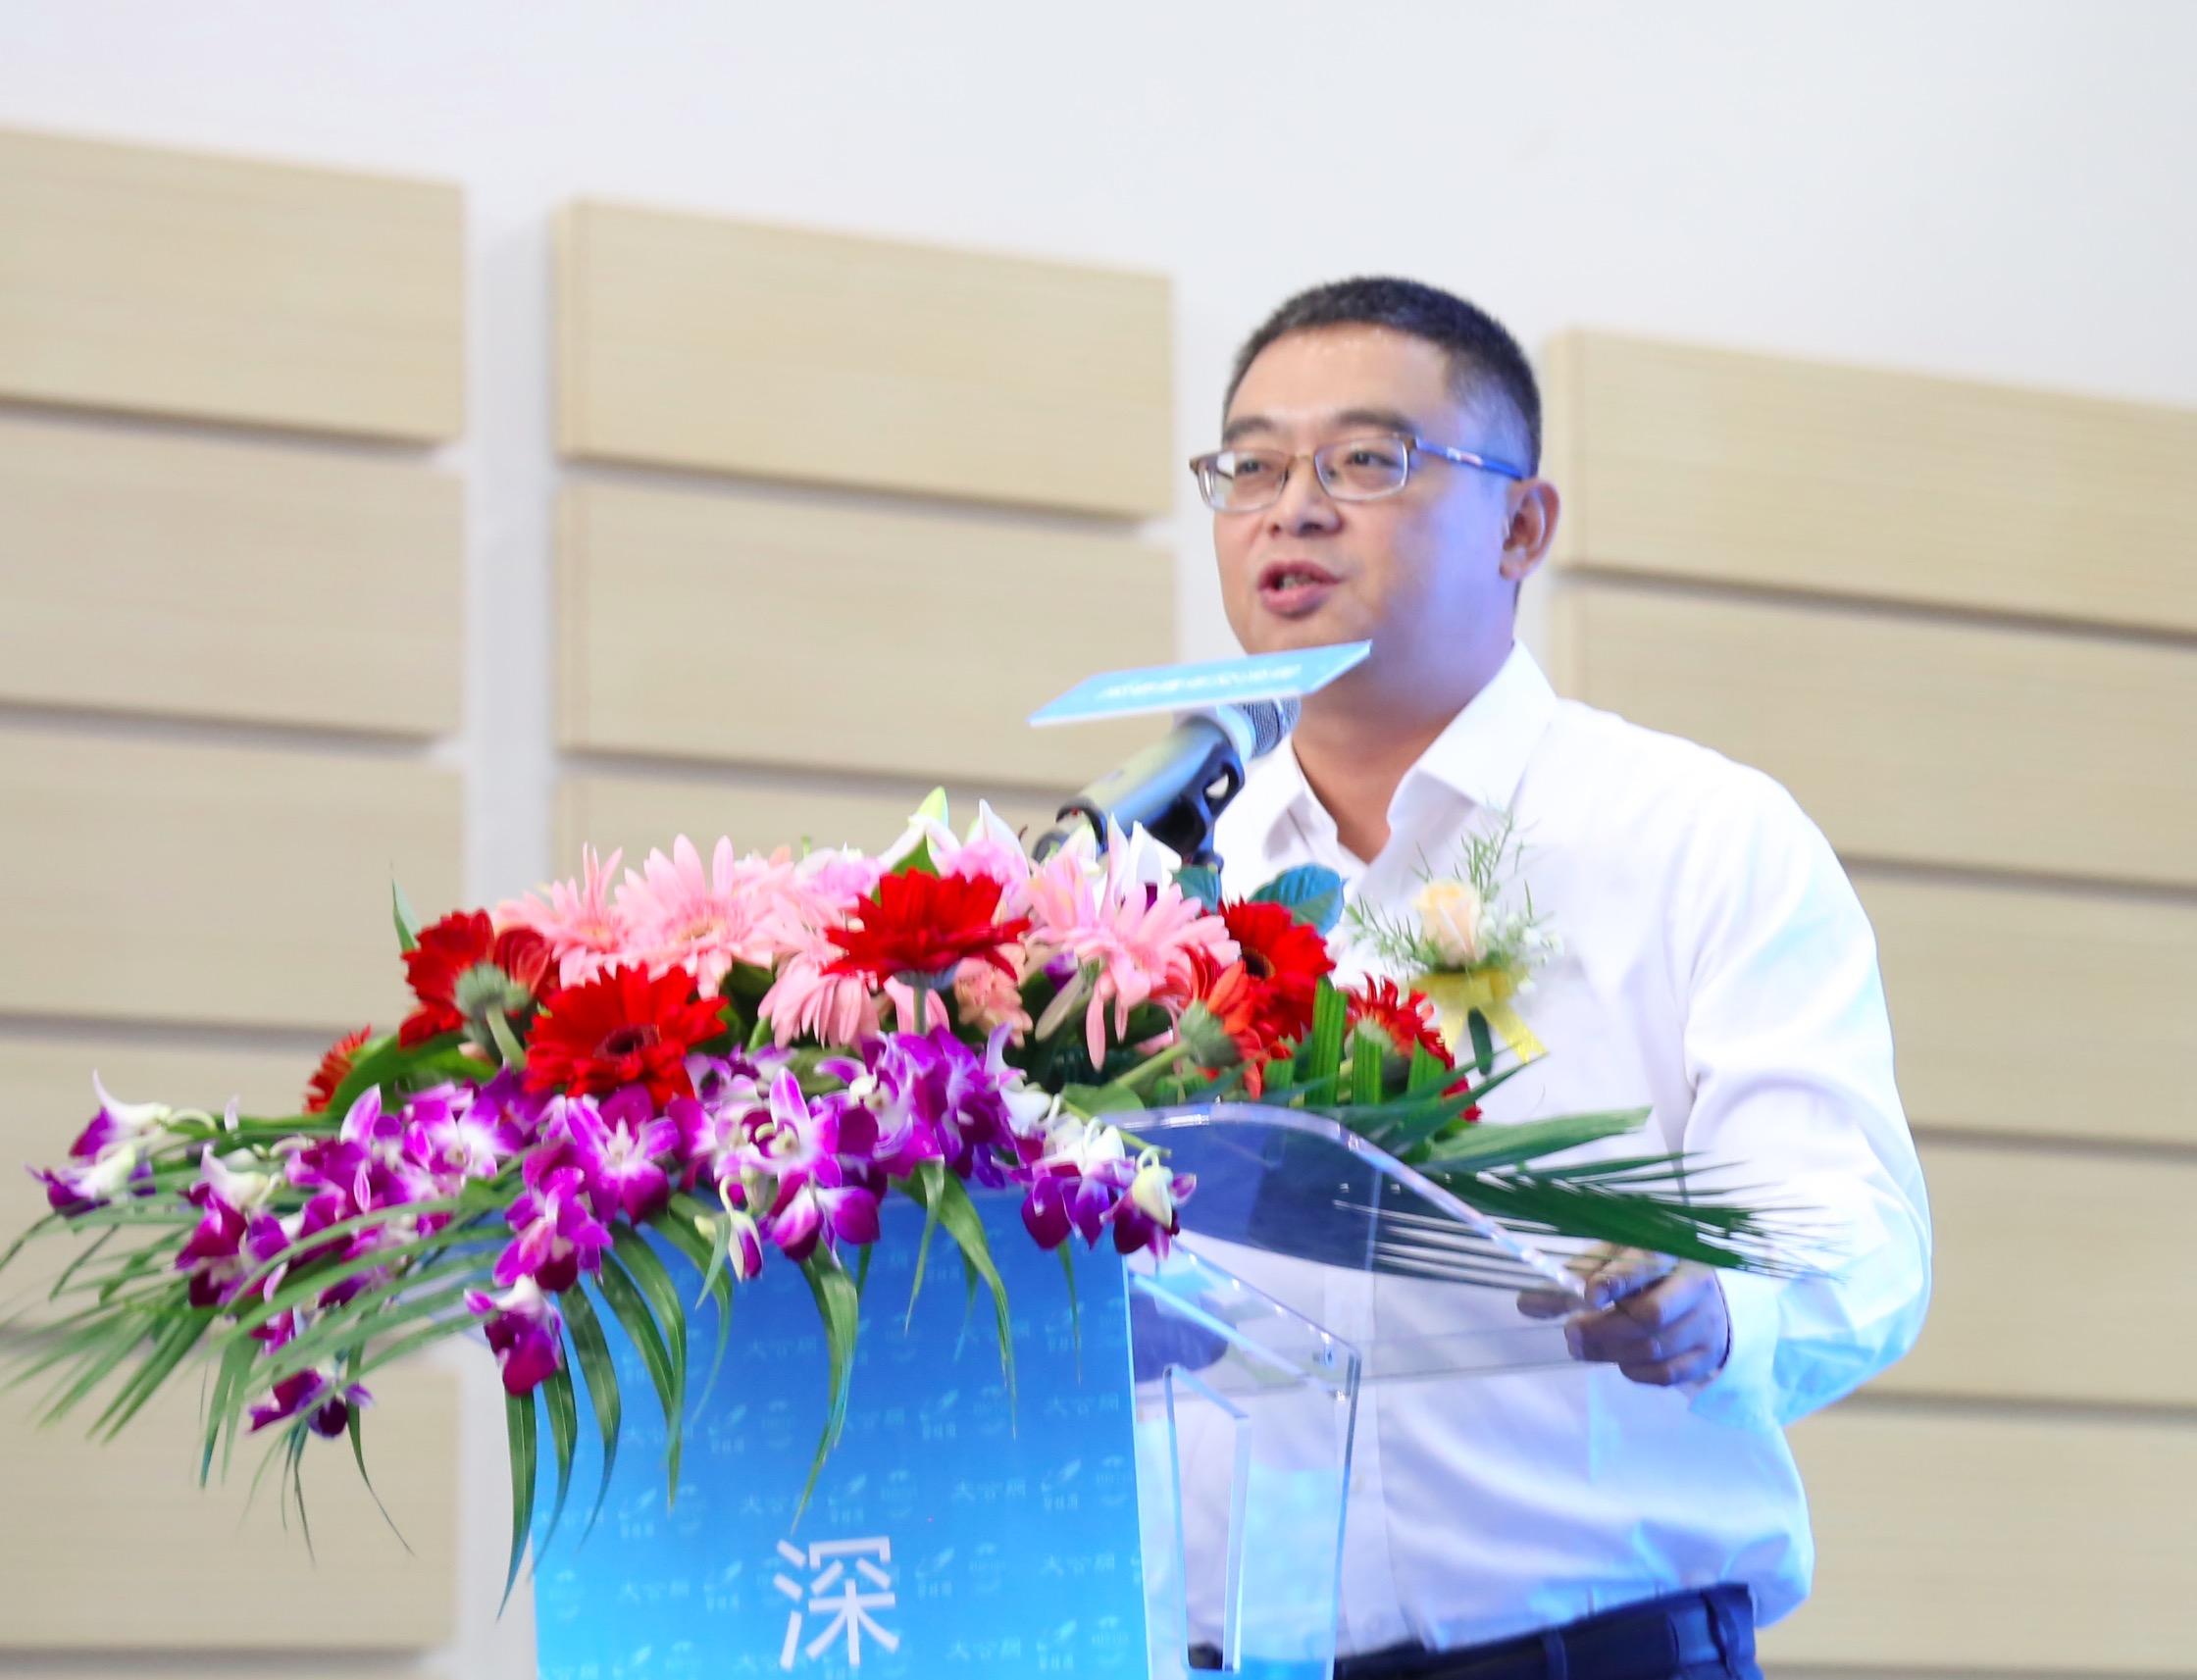 向俊波:非常欢迎香港青年到潼湖科技小镇发展